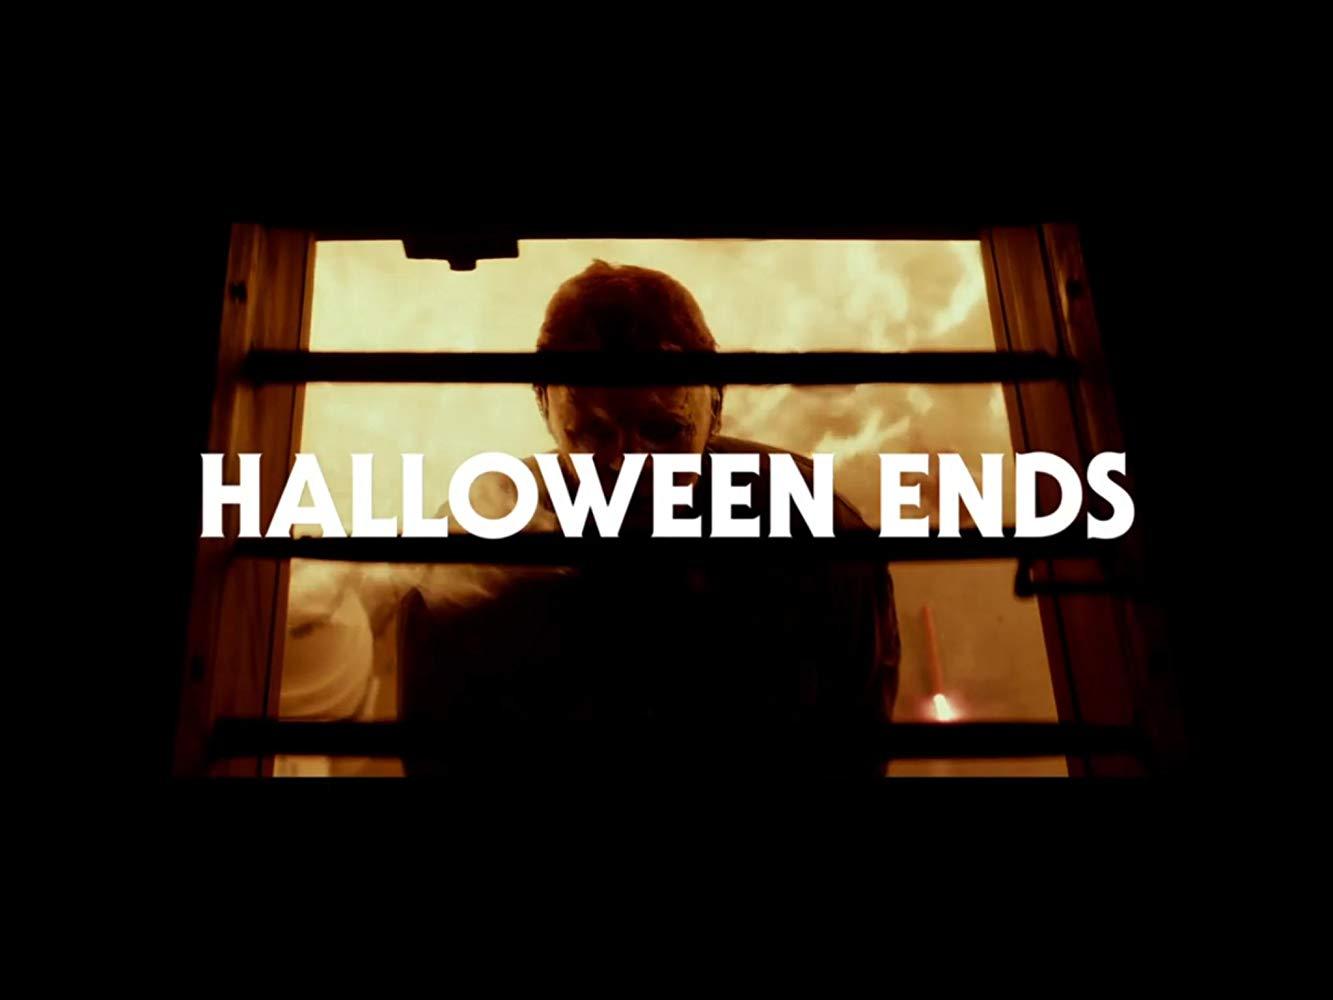 Хэллоуин заканчивается (Halloween Ends)